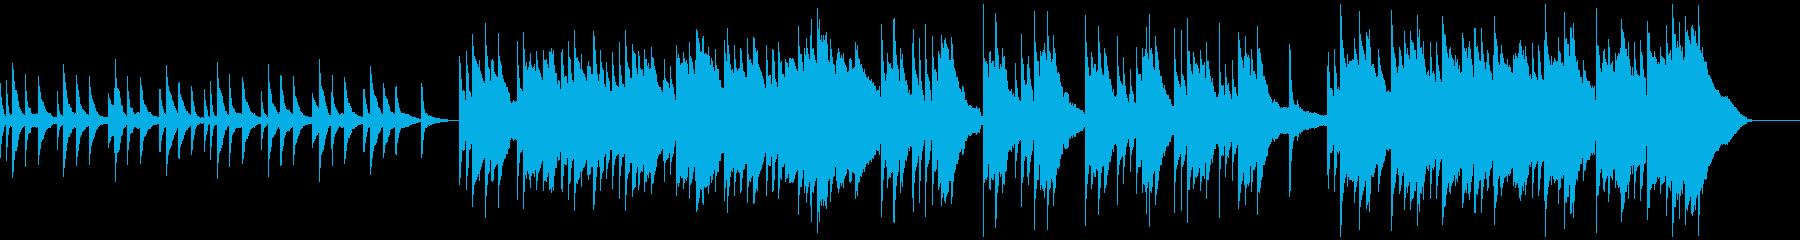 ピアノによる悲しい曲 の再生済みの波形